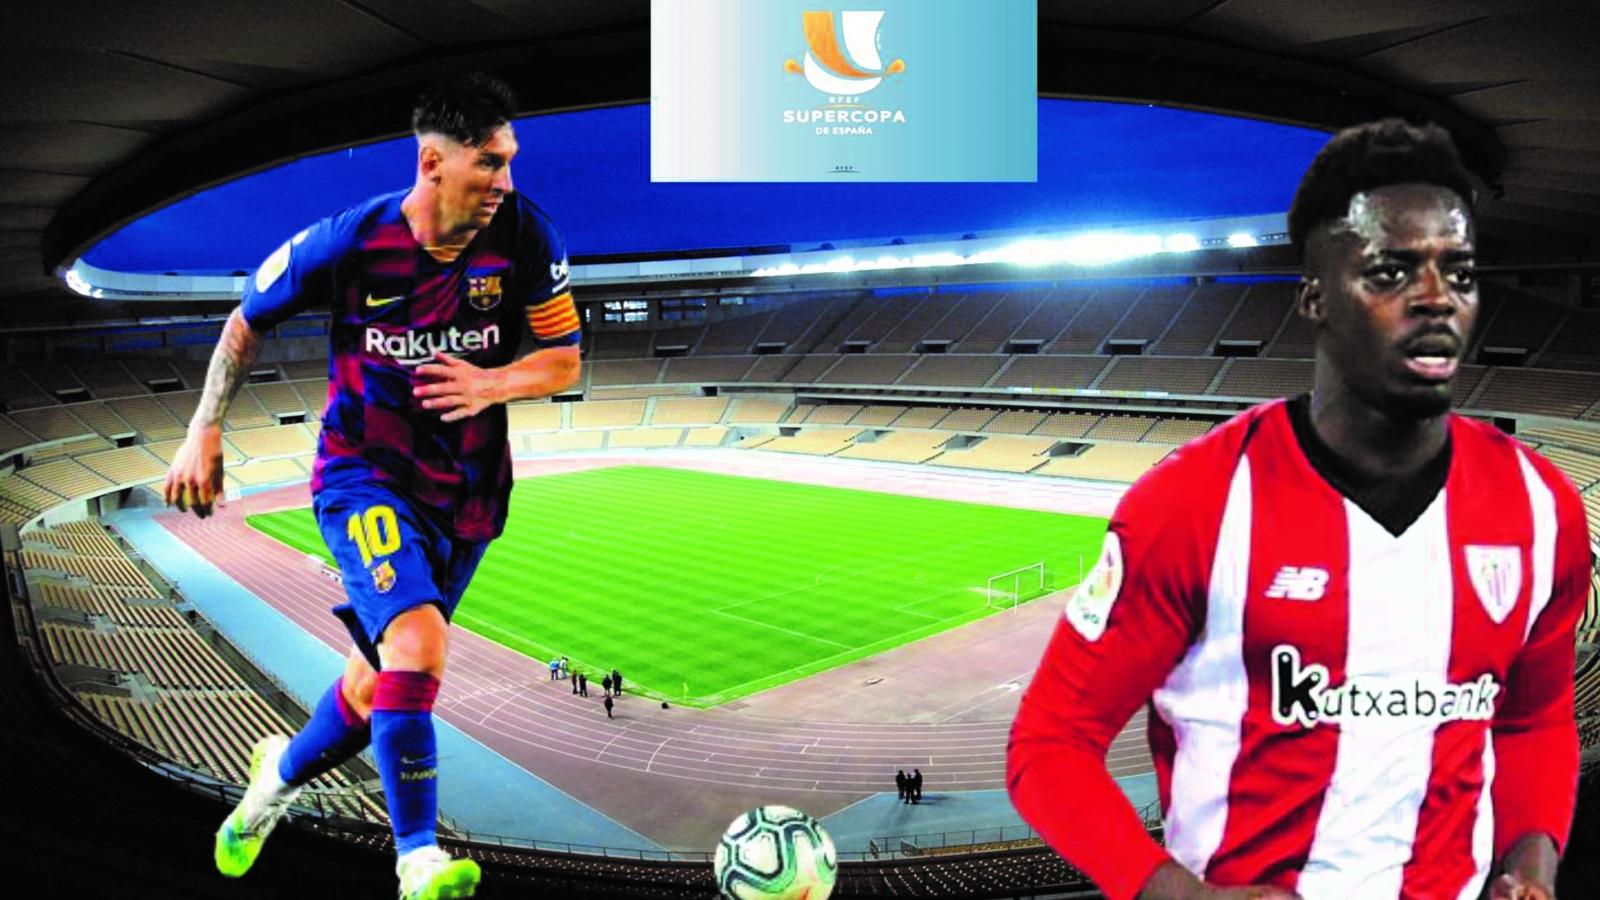 Dự đoán kết quả, đội hình xuất phát trận Barca - Bilbao